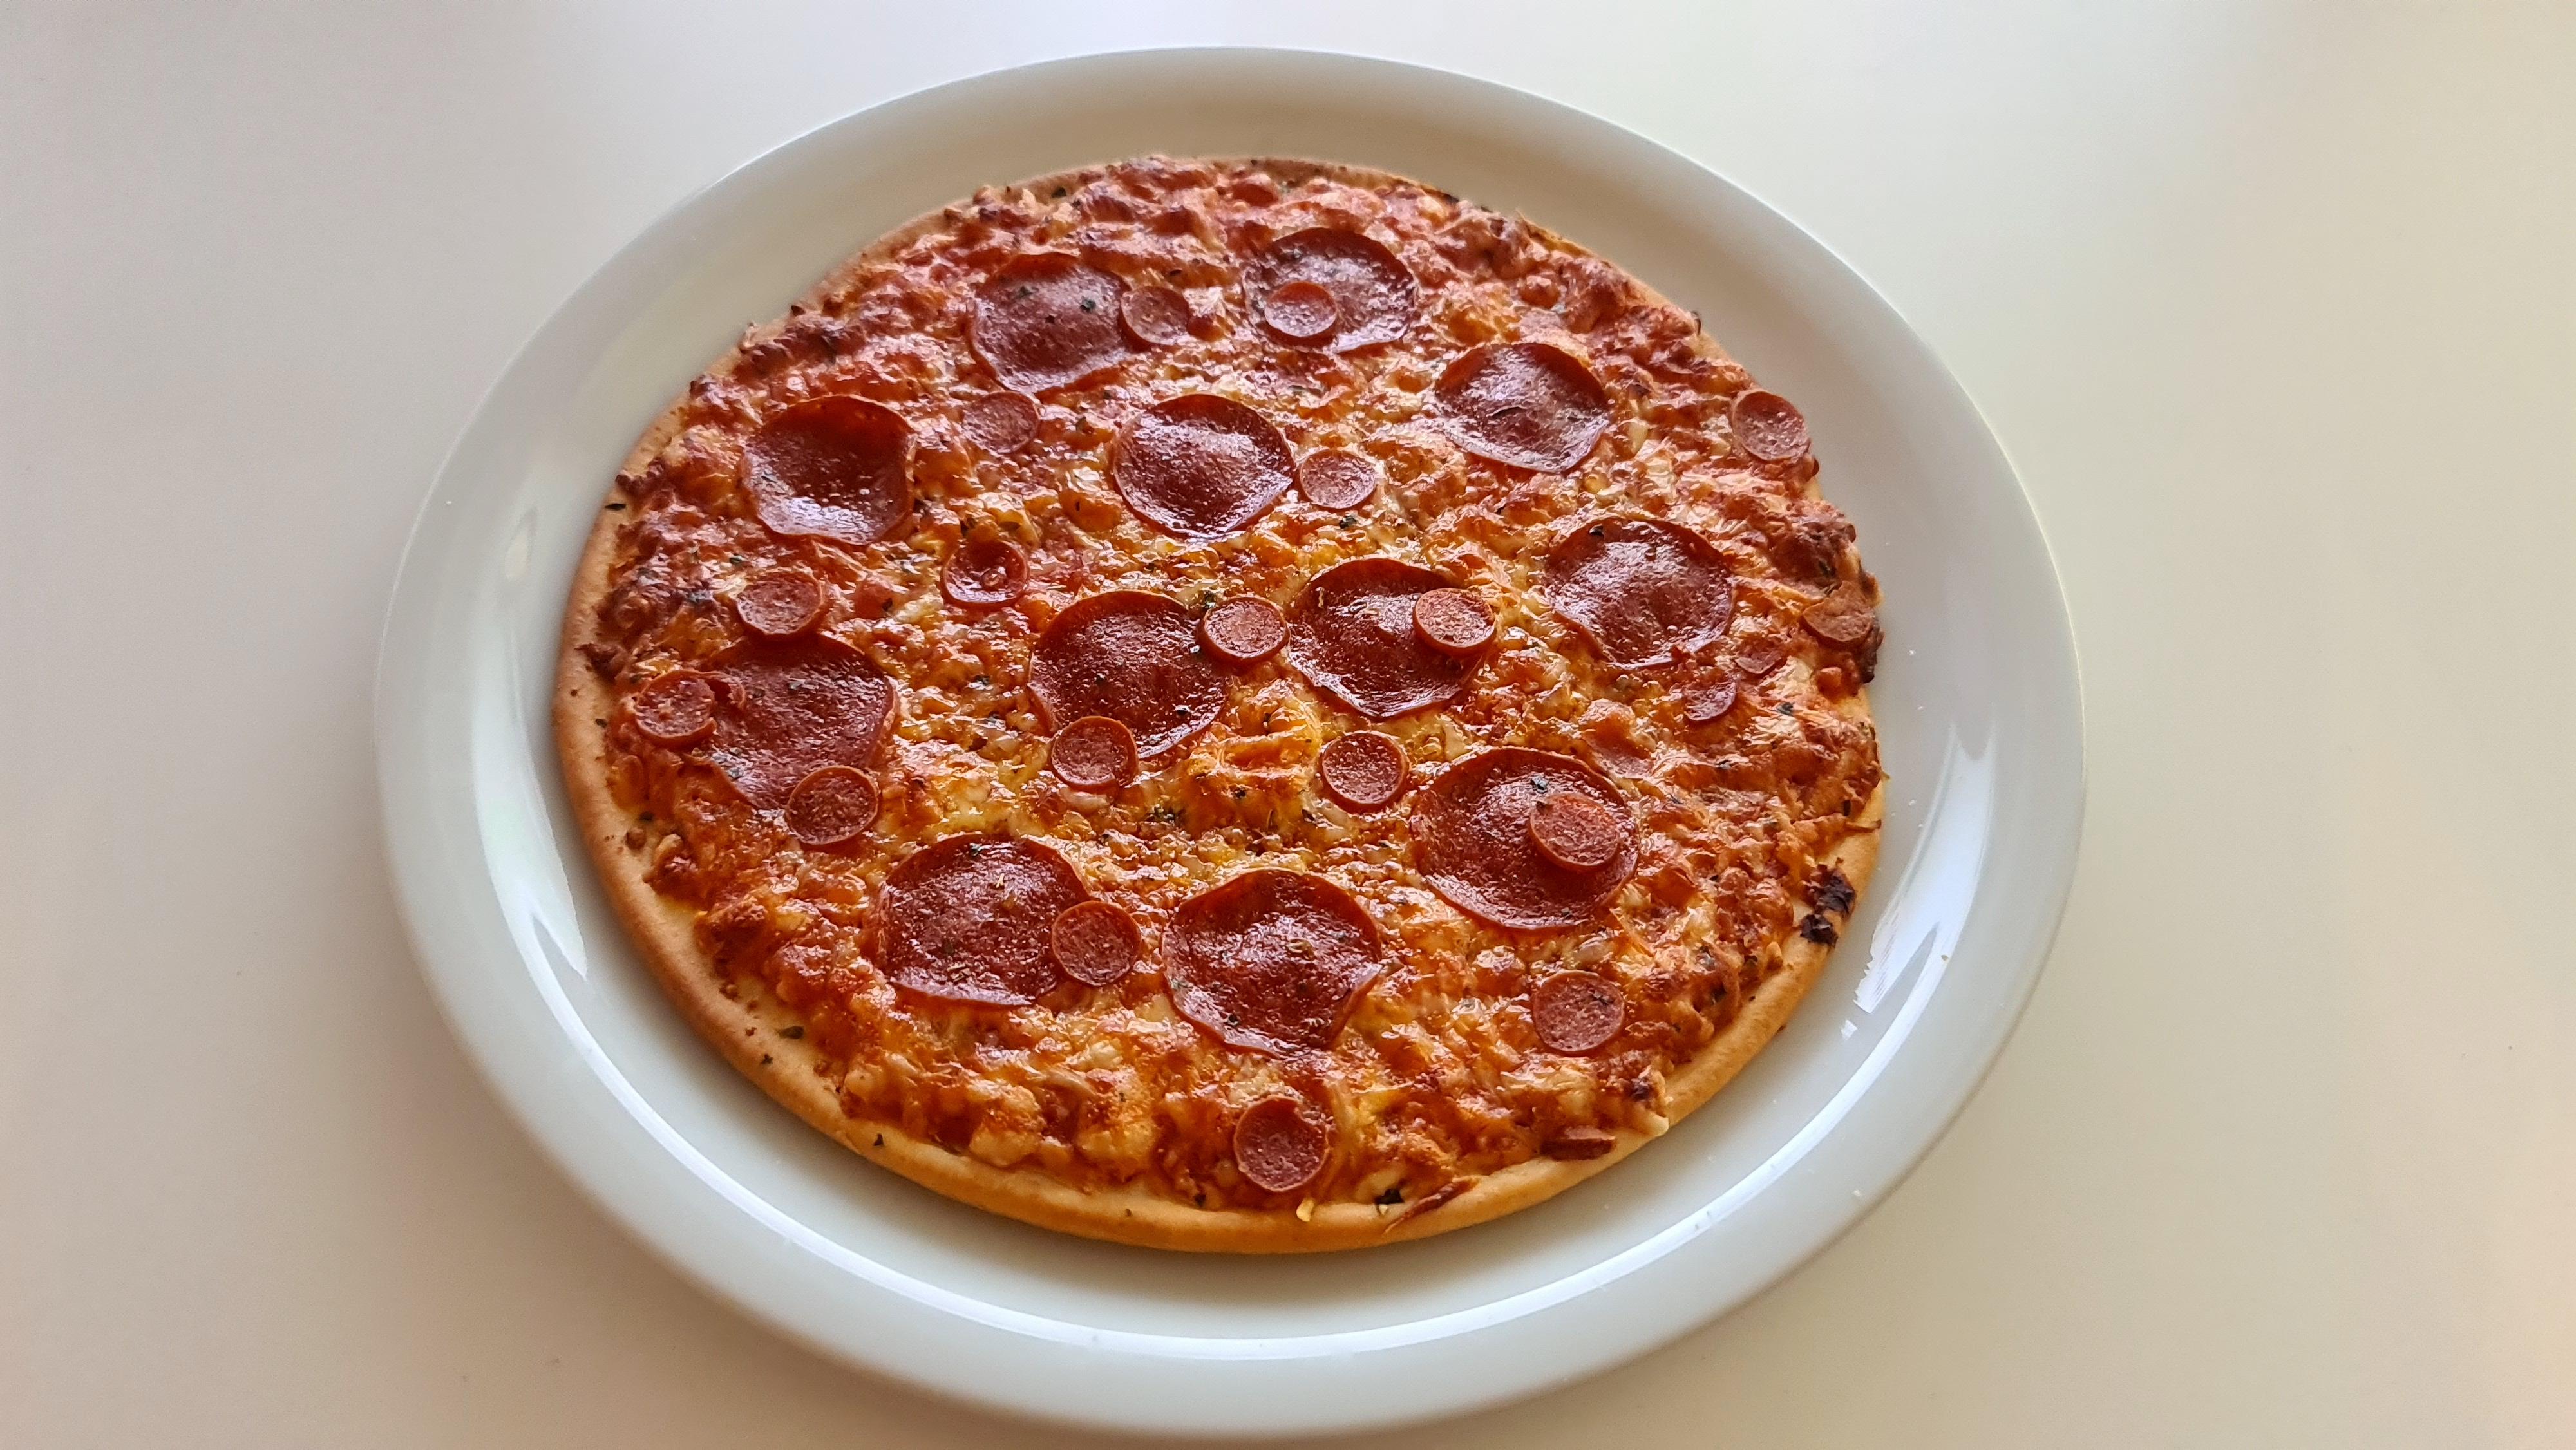 https://foodloader.net/Holz_2020-10-30_Pizza.jpg